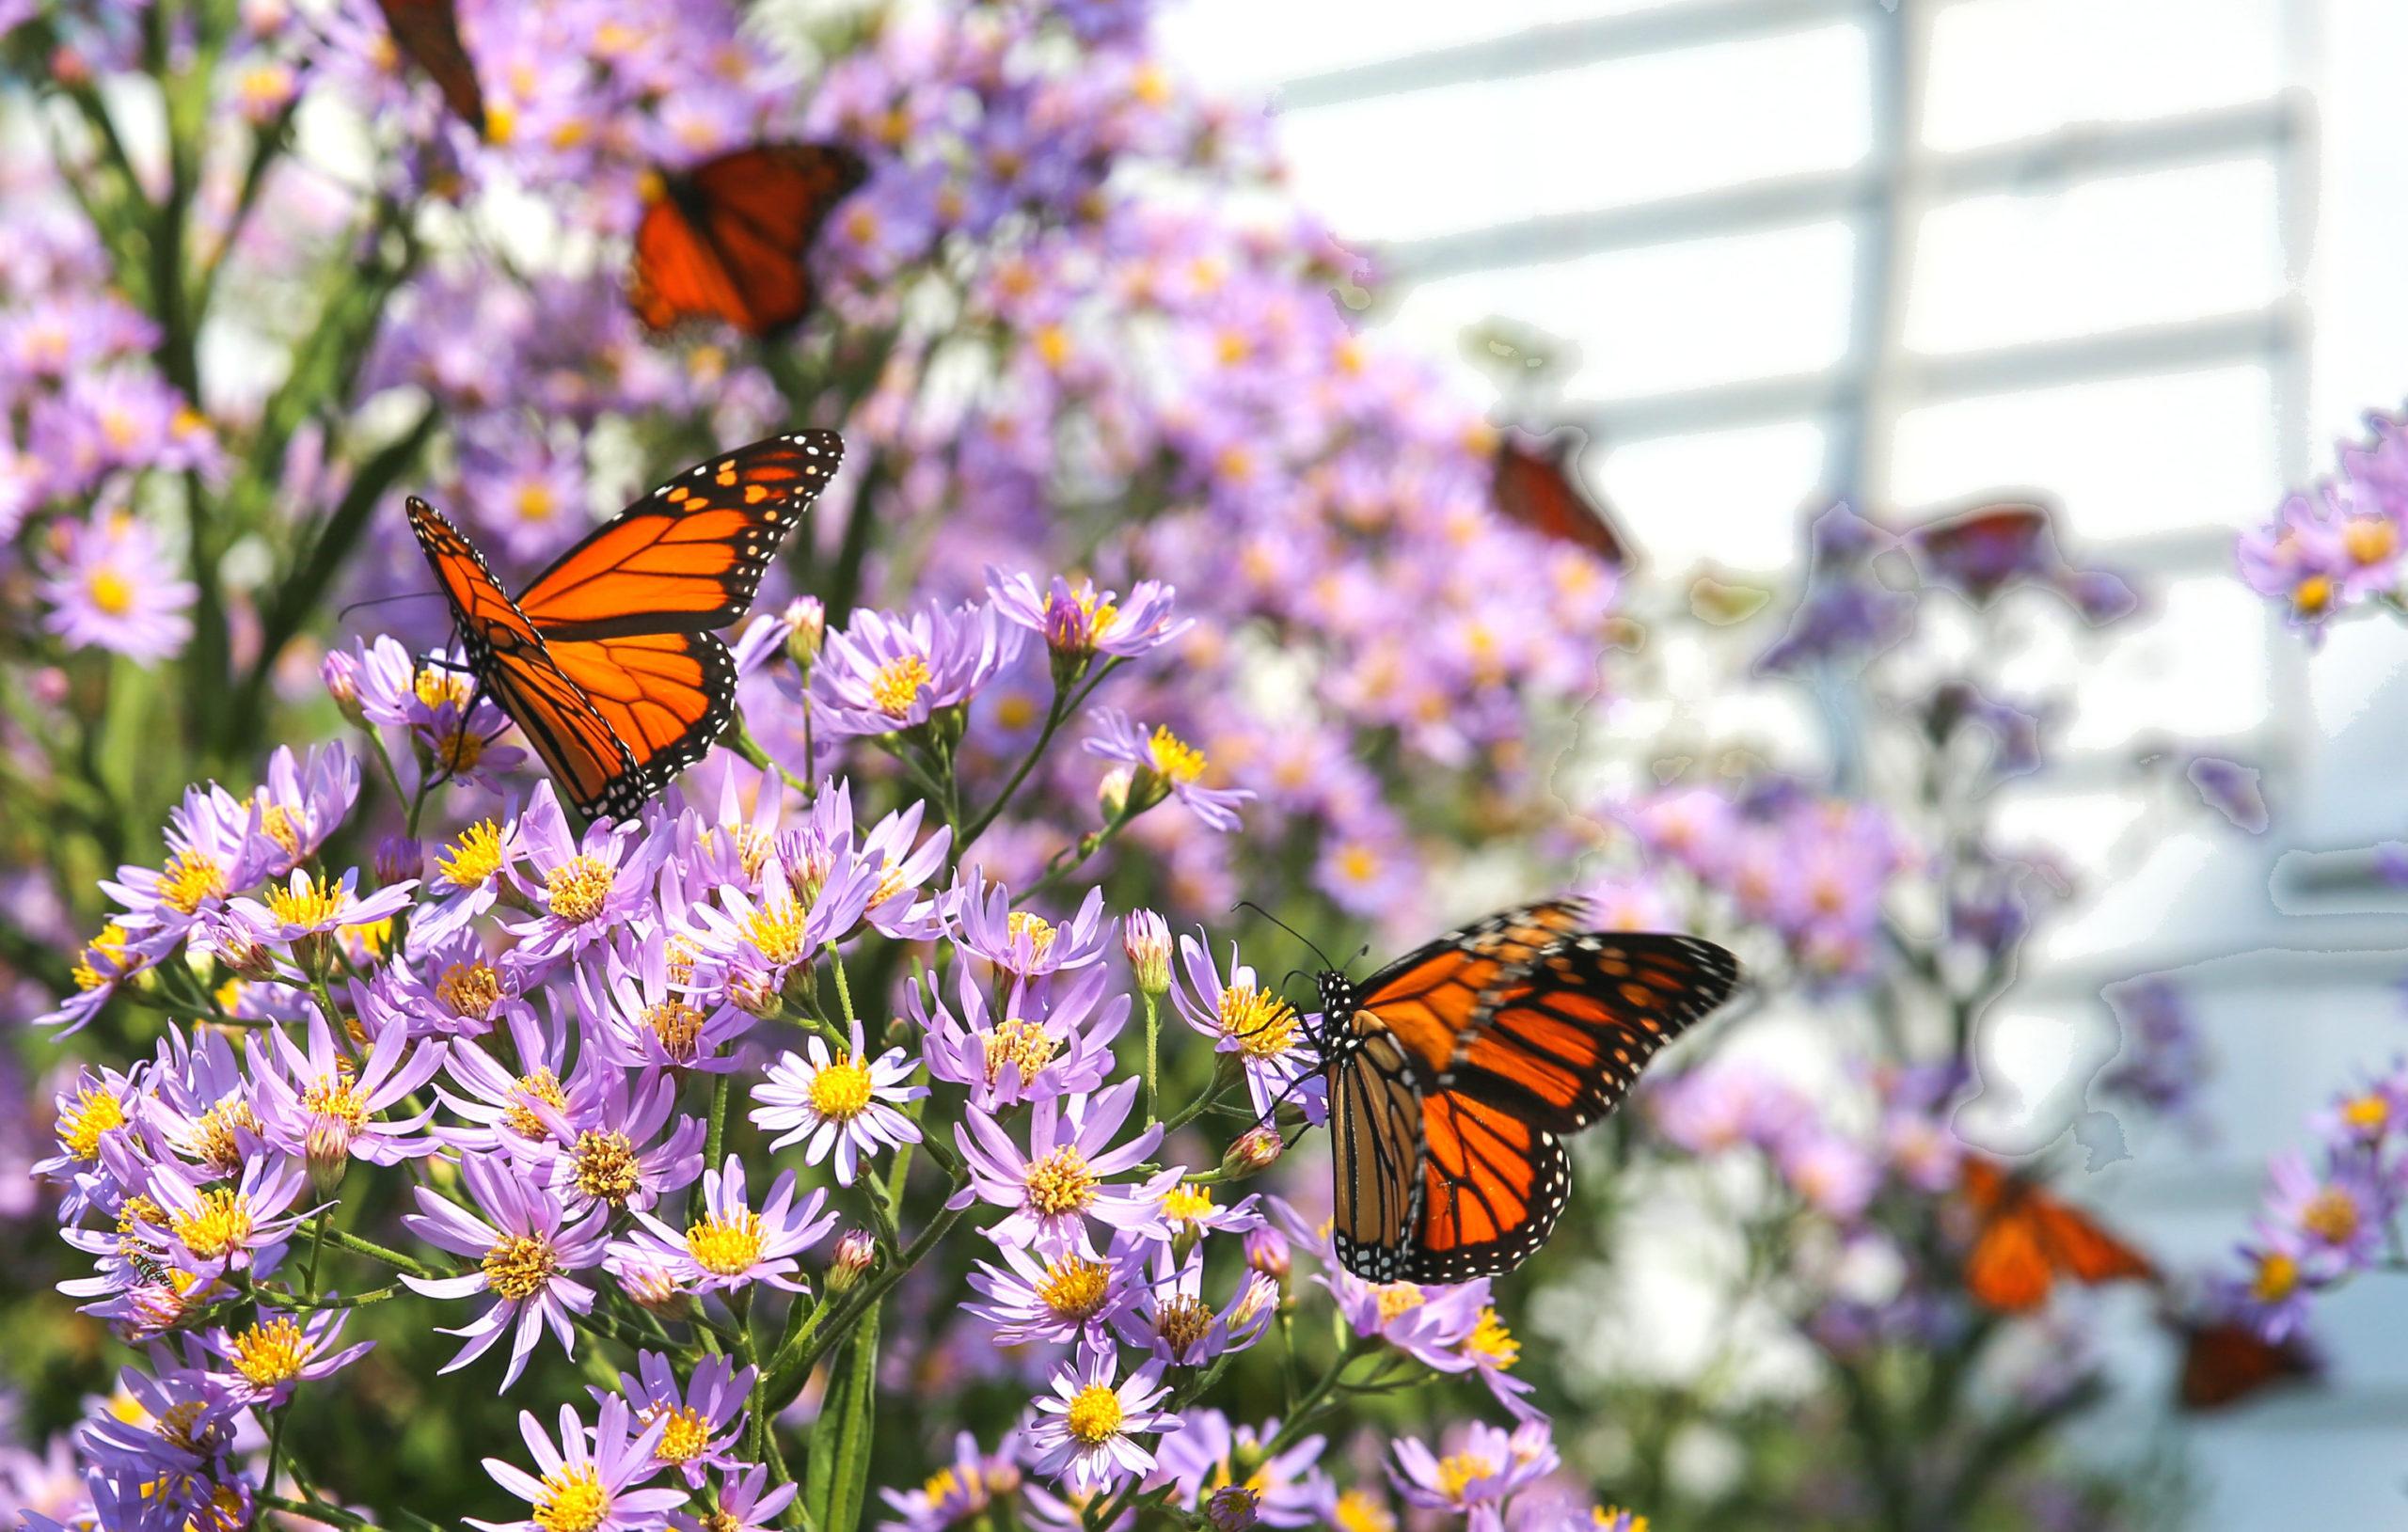 NZ最大の蝶・オオカバマダラが激減中!?原因はいったい何?